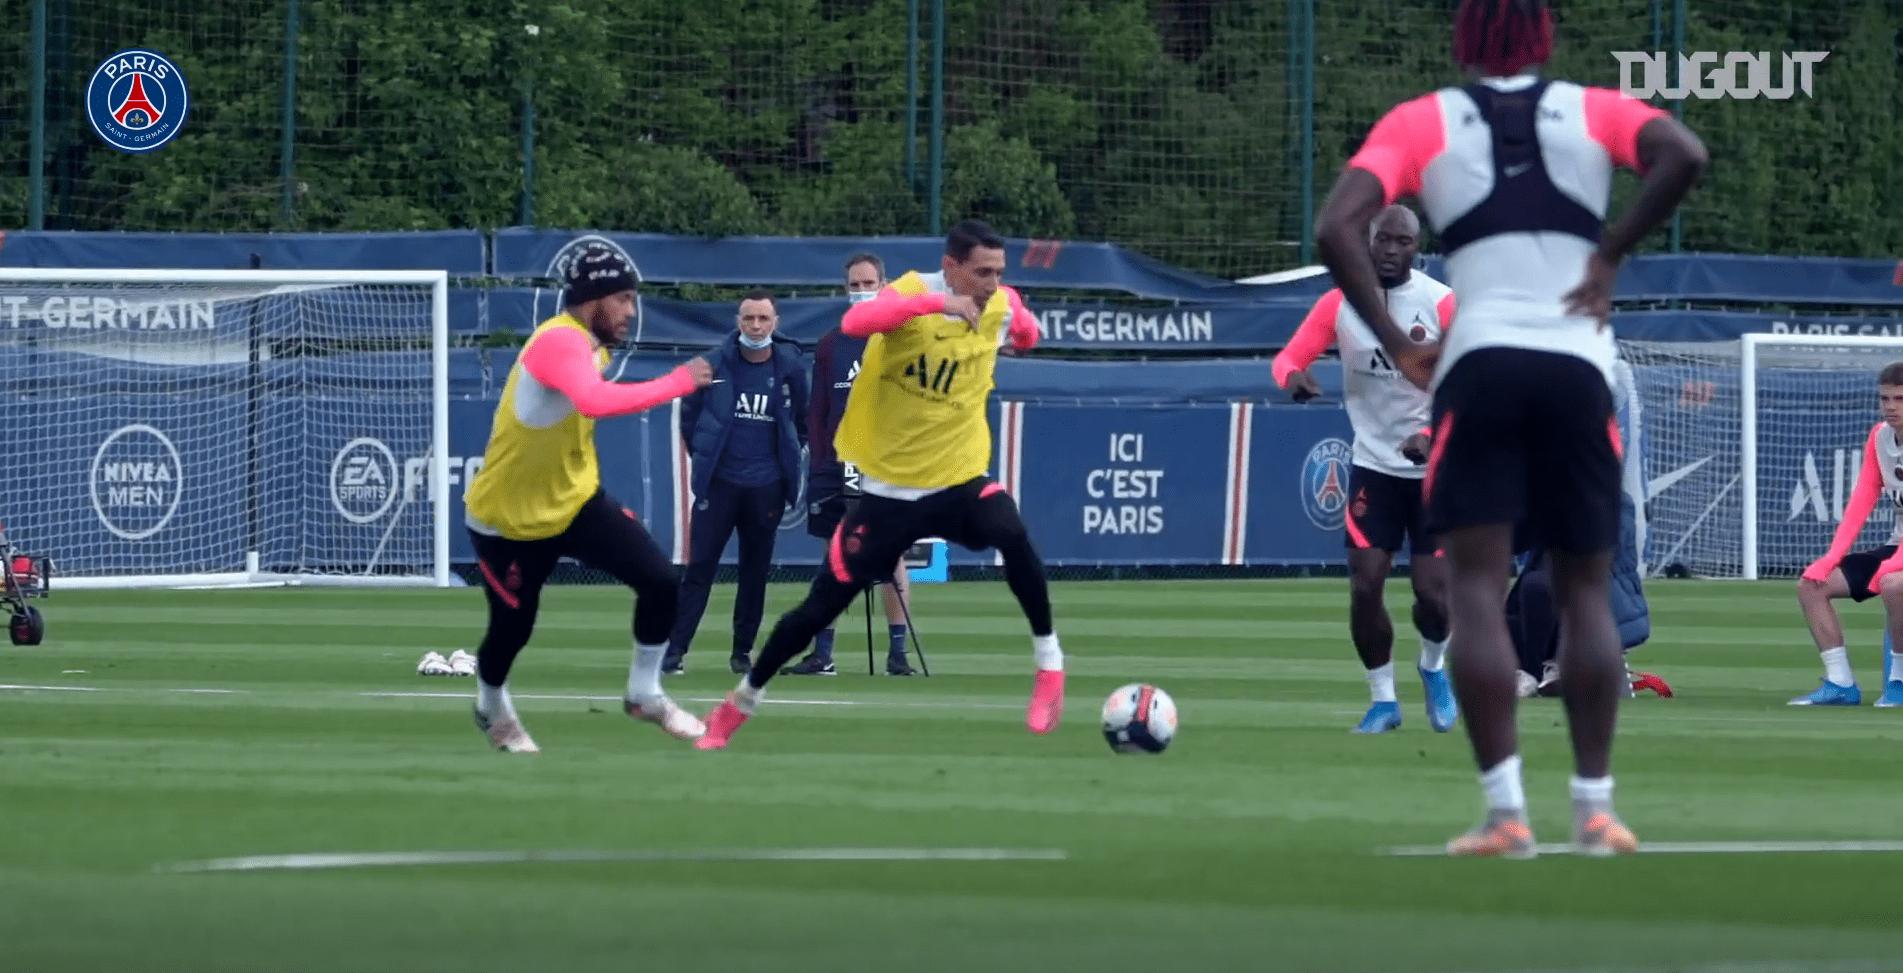 PSG/Reims - Retrouvez des extraits du dernier entraînement des Parisiens